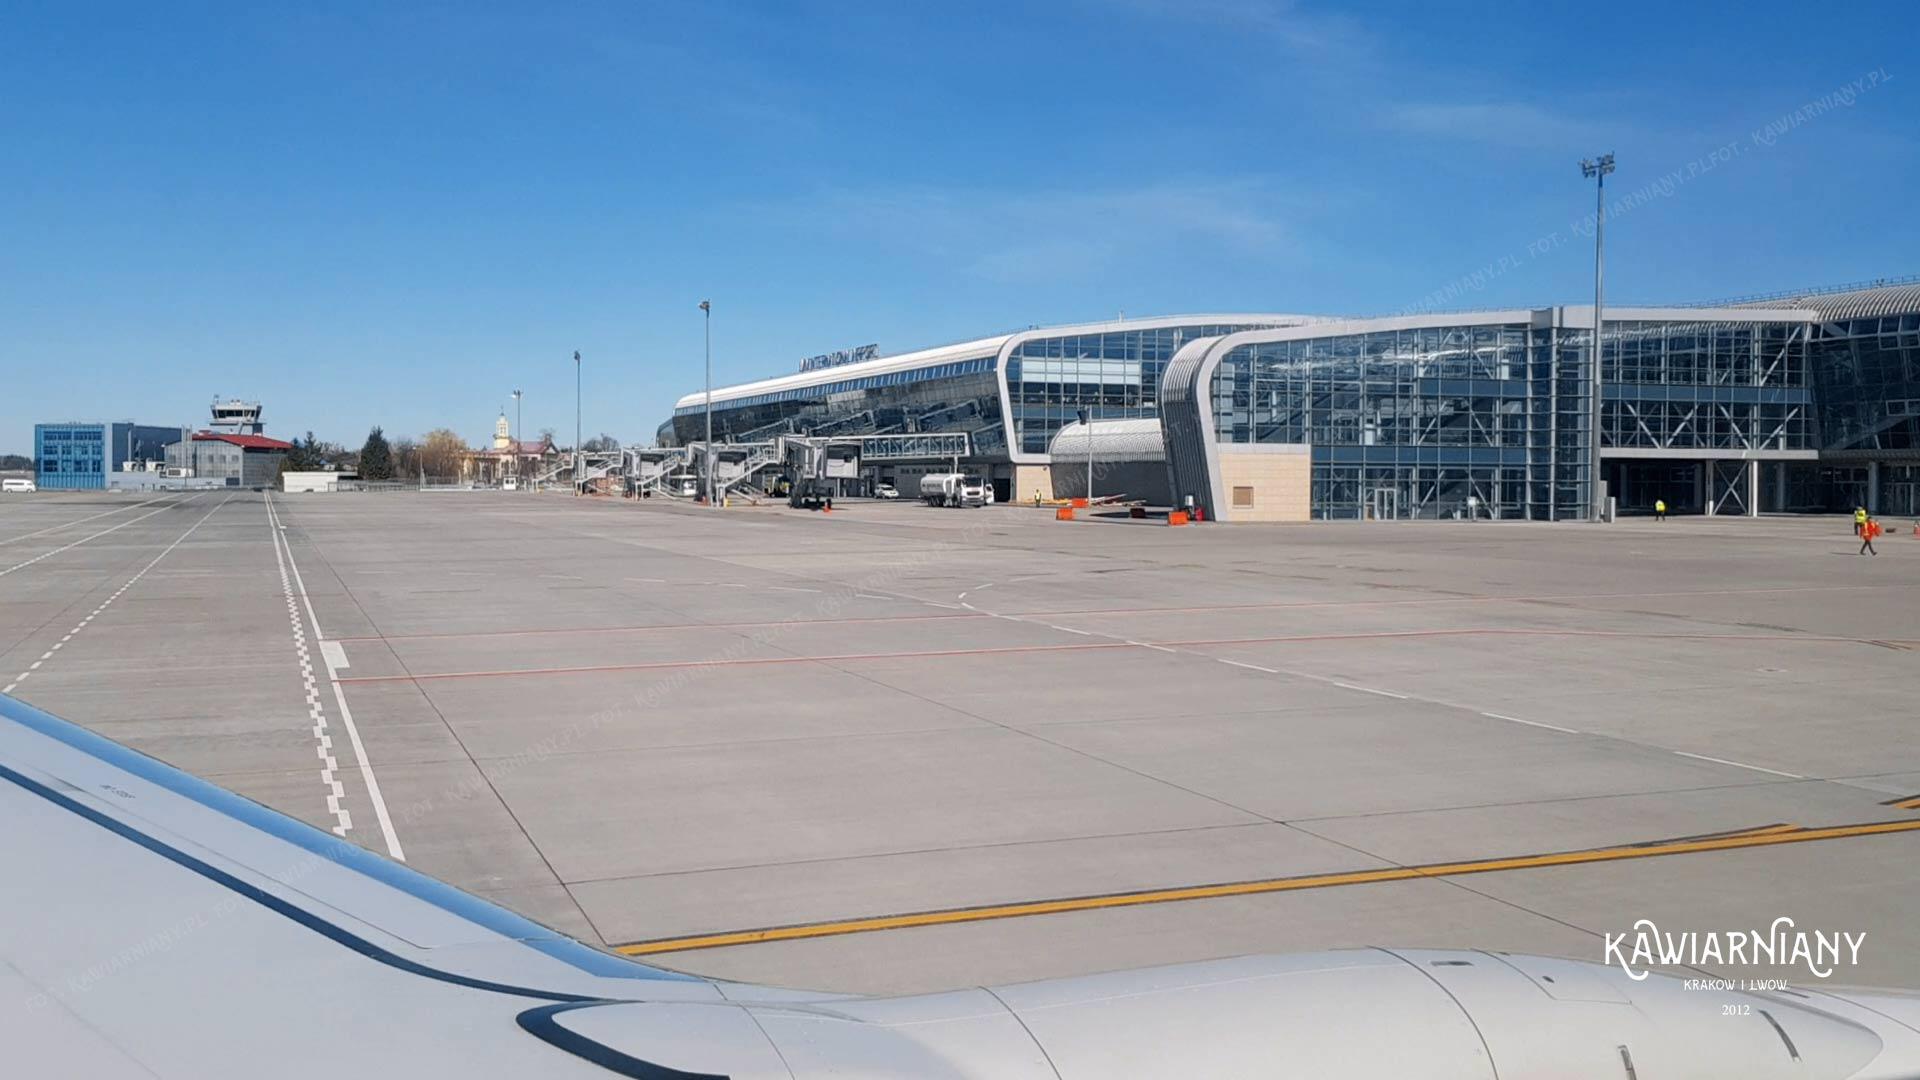 Loty z Bydgoszczy i Olsztyna do Lwowa wracają niedługo po Wielkanocy